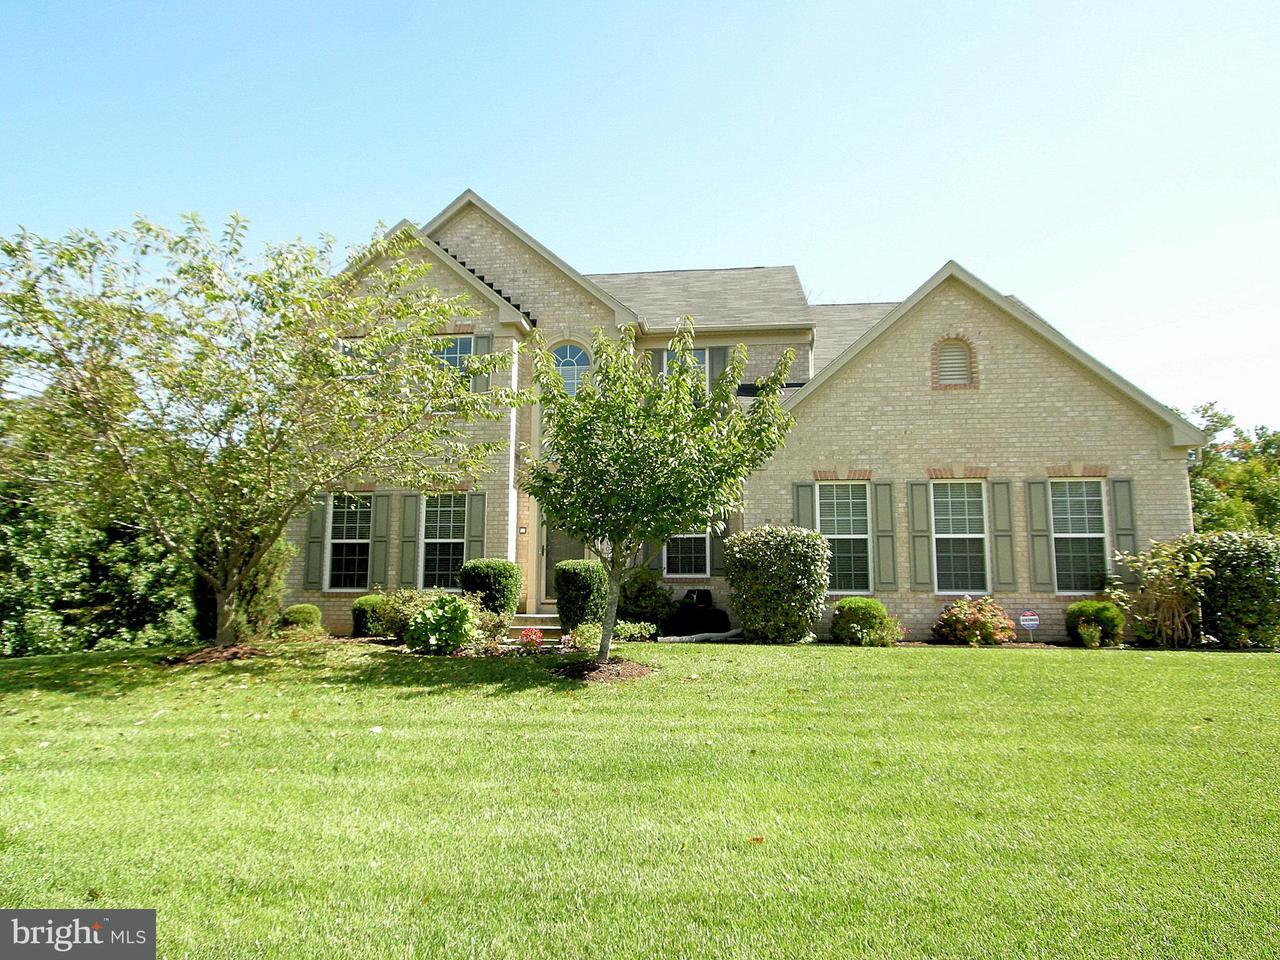 Maison unifamiliale pour l Vente à 9610 OAK BARREL Court 9610 OAK BARREL Court Brandywine, Maryland 20613 États-Unis